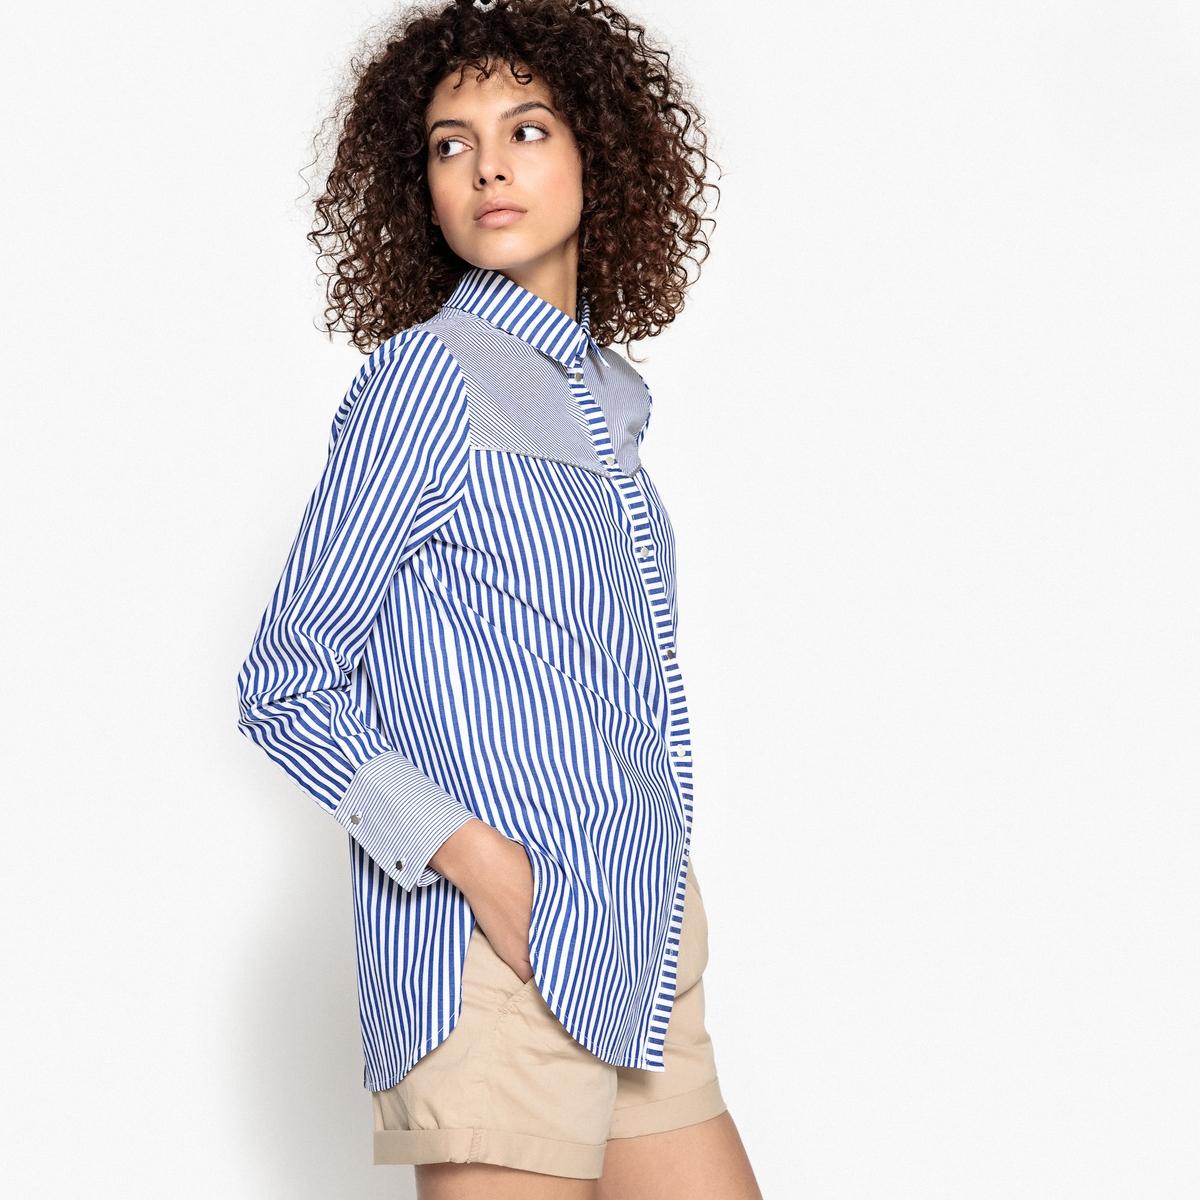 Рубашка в полоску LAURAОписаниеДетали •  Длинные рукава •  Прямой покрой •  Воротник-поло, рубашечный •  Рисунок в полоскуСостав и уход •  100% хлопок •  Следуйте советам по уходу, указанным на этикетке<br><br>Цвет: в полоску синий/белый<br>Размер: 3(L).2(M).1(S)